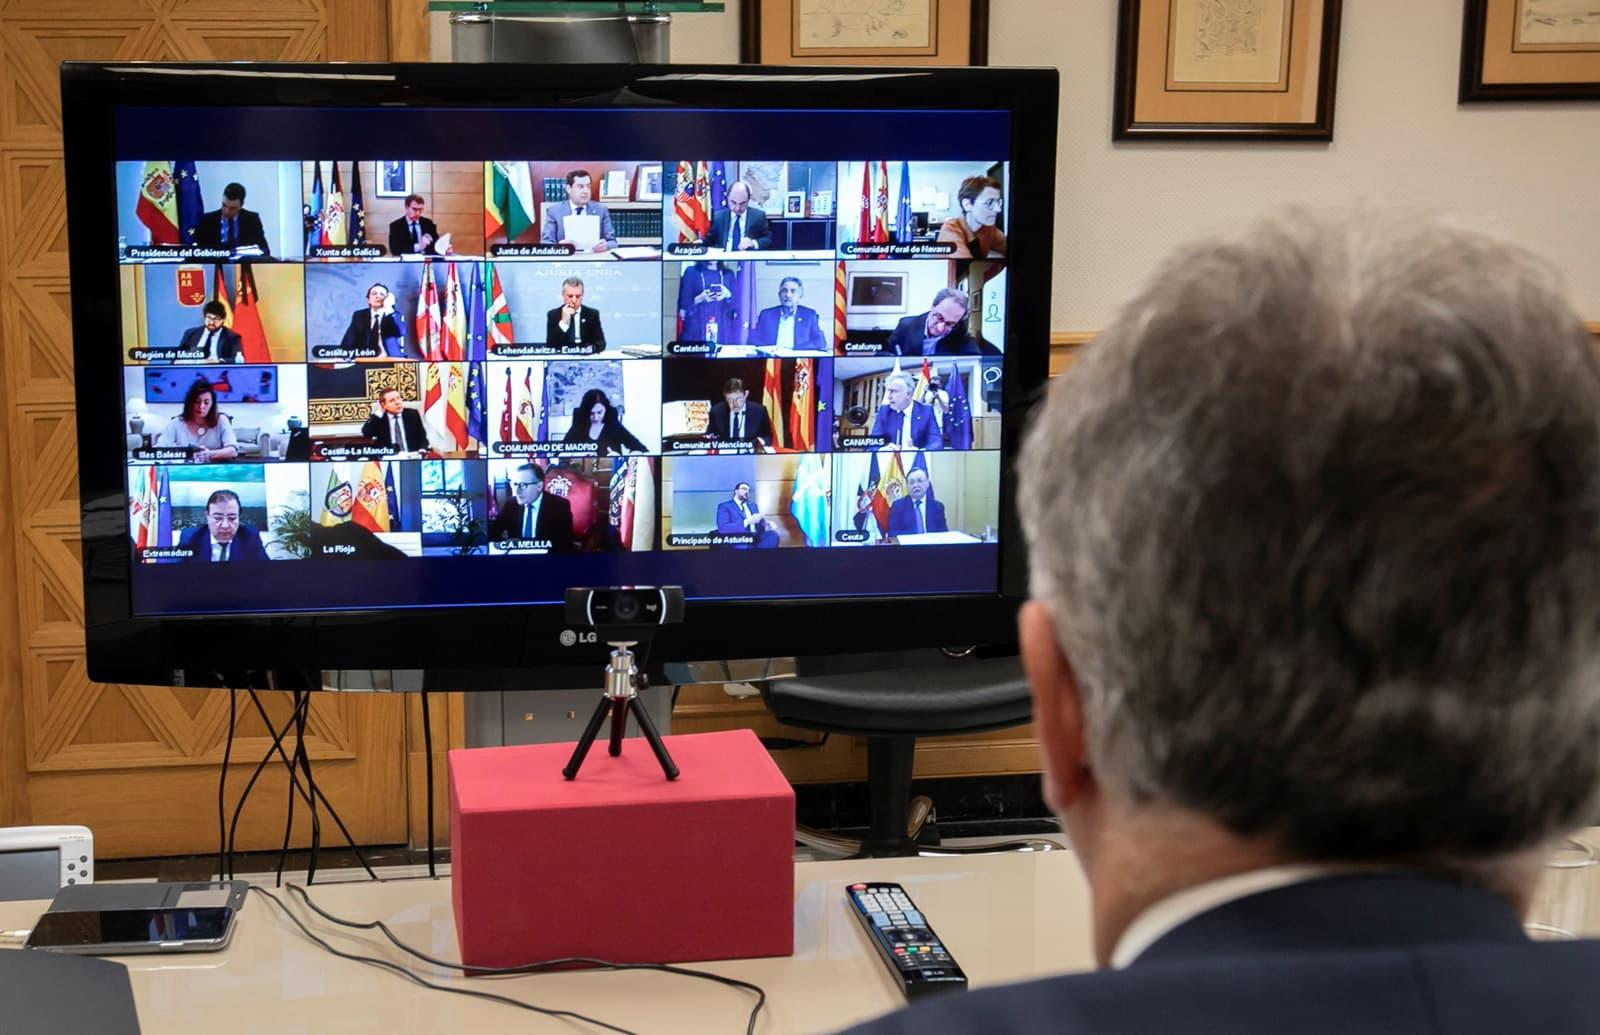 Pantalla amb tots els presidents autonòmics, el 3 de maig, presa des del despatx del president de Canàries. Fotografia de Quique Curbelo. Efe.